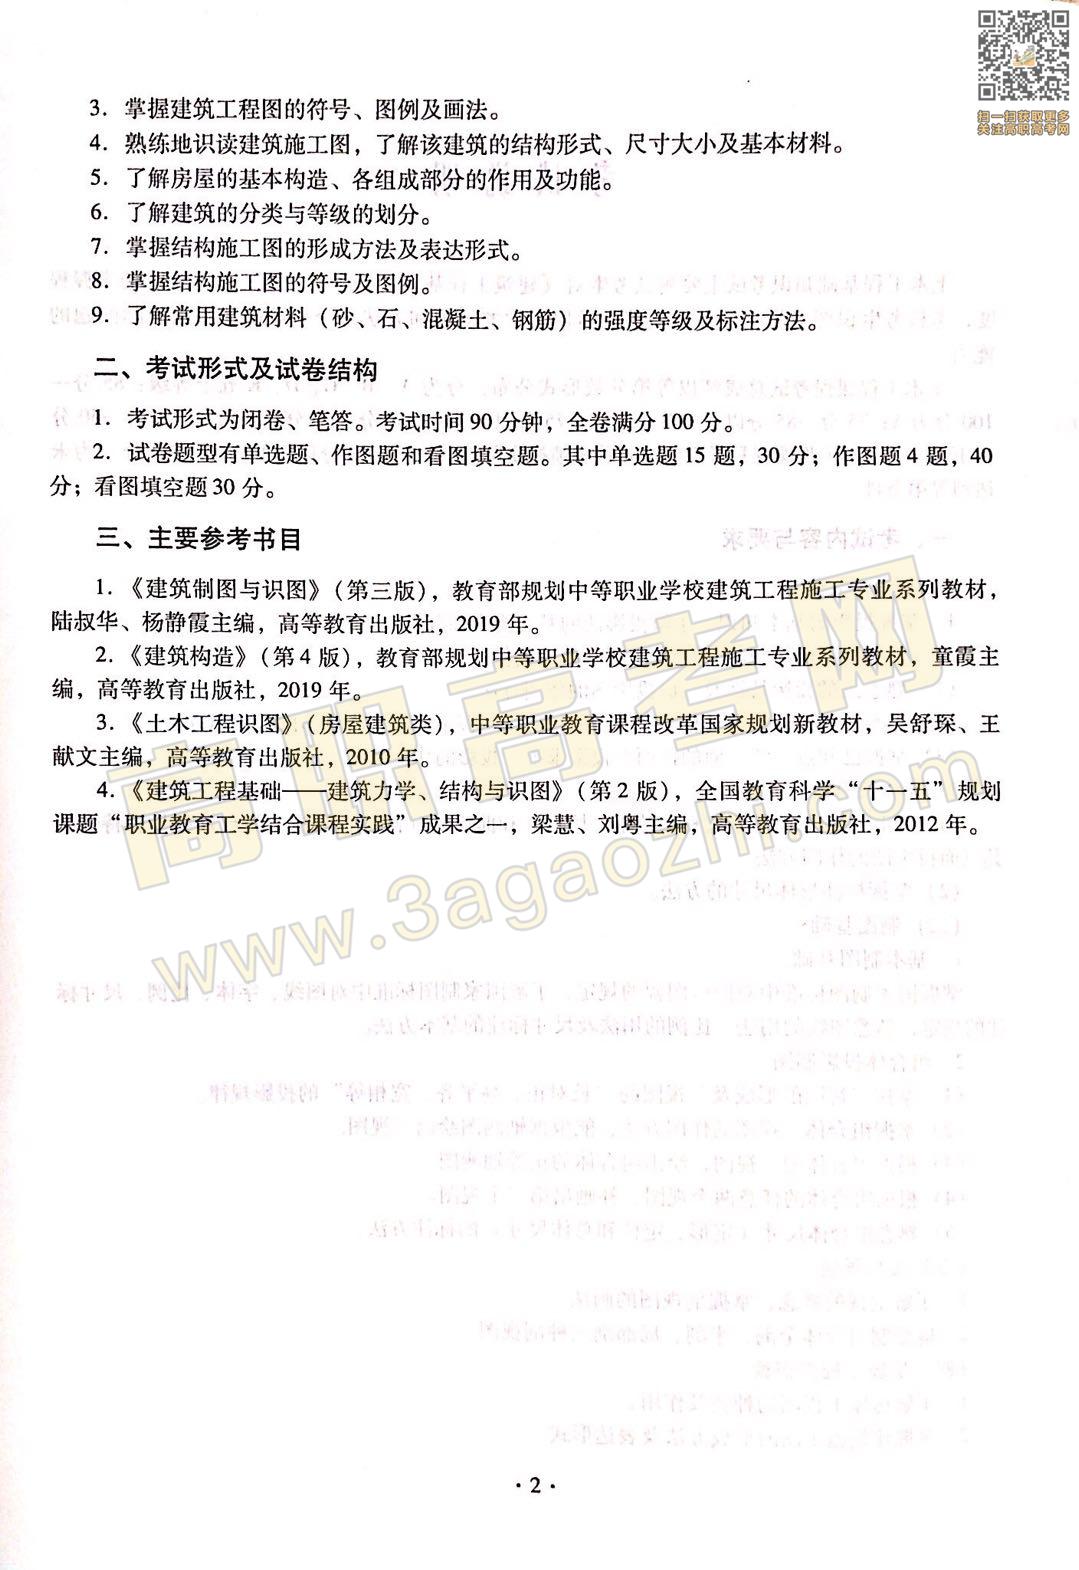 土木工程证书,2020年广东中职技能课程考试大纲及样题